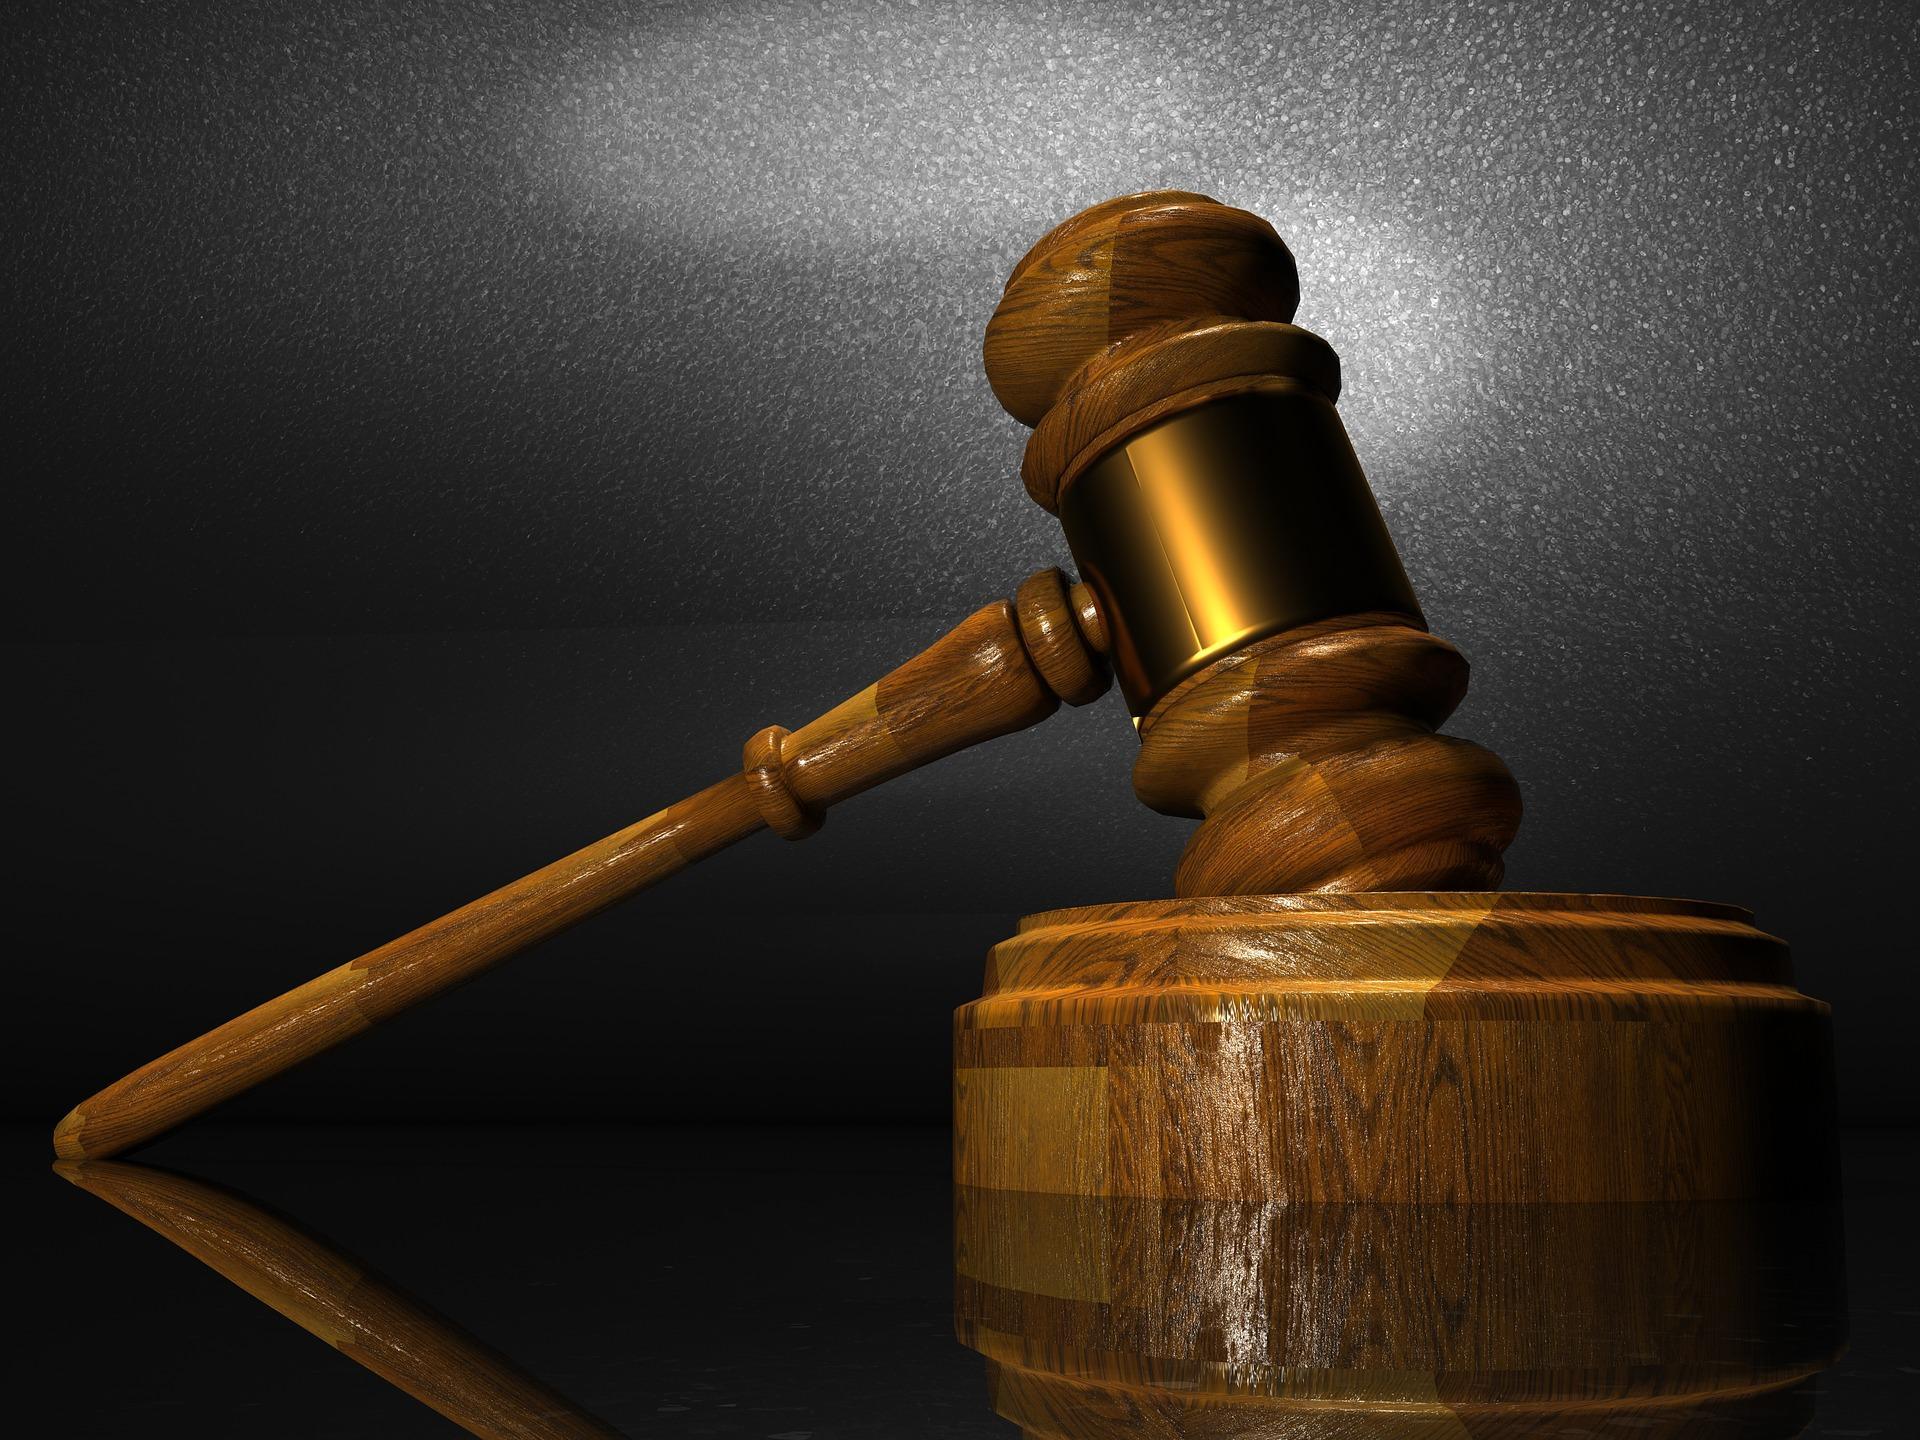 Bloed op merkschoen linkt verdachte aan gewelddadige beroving in Hilversum, maar overtuigt dat de rechter?